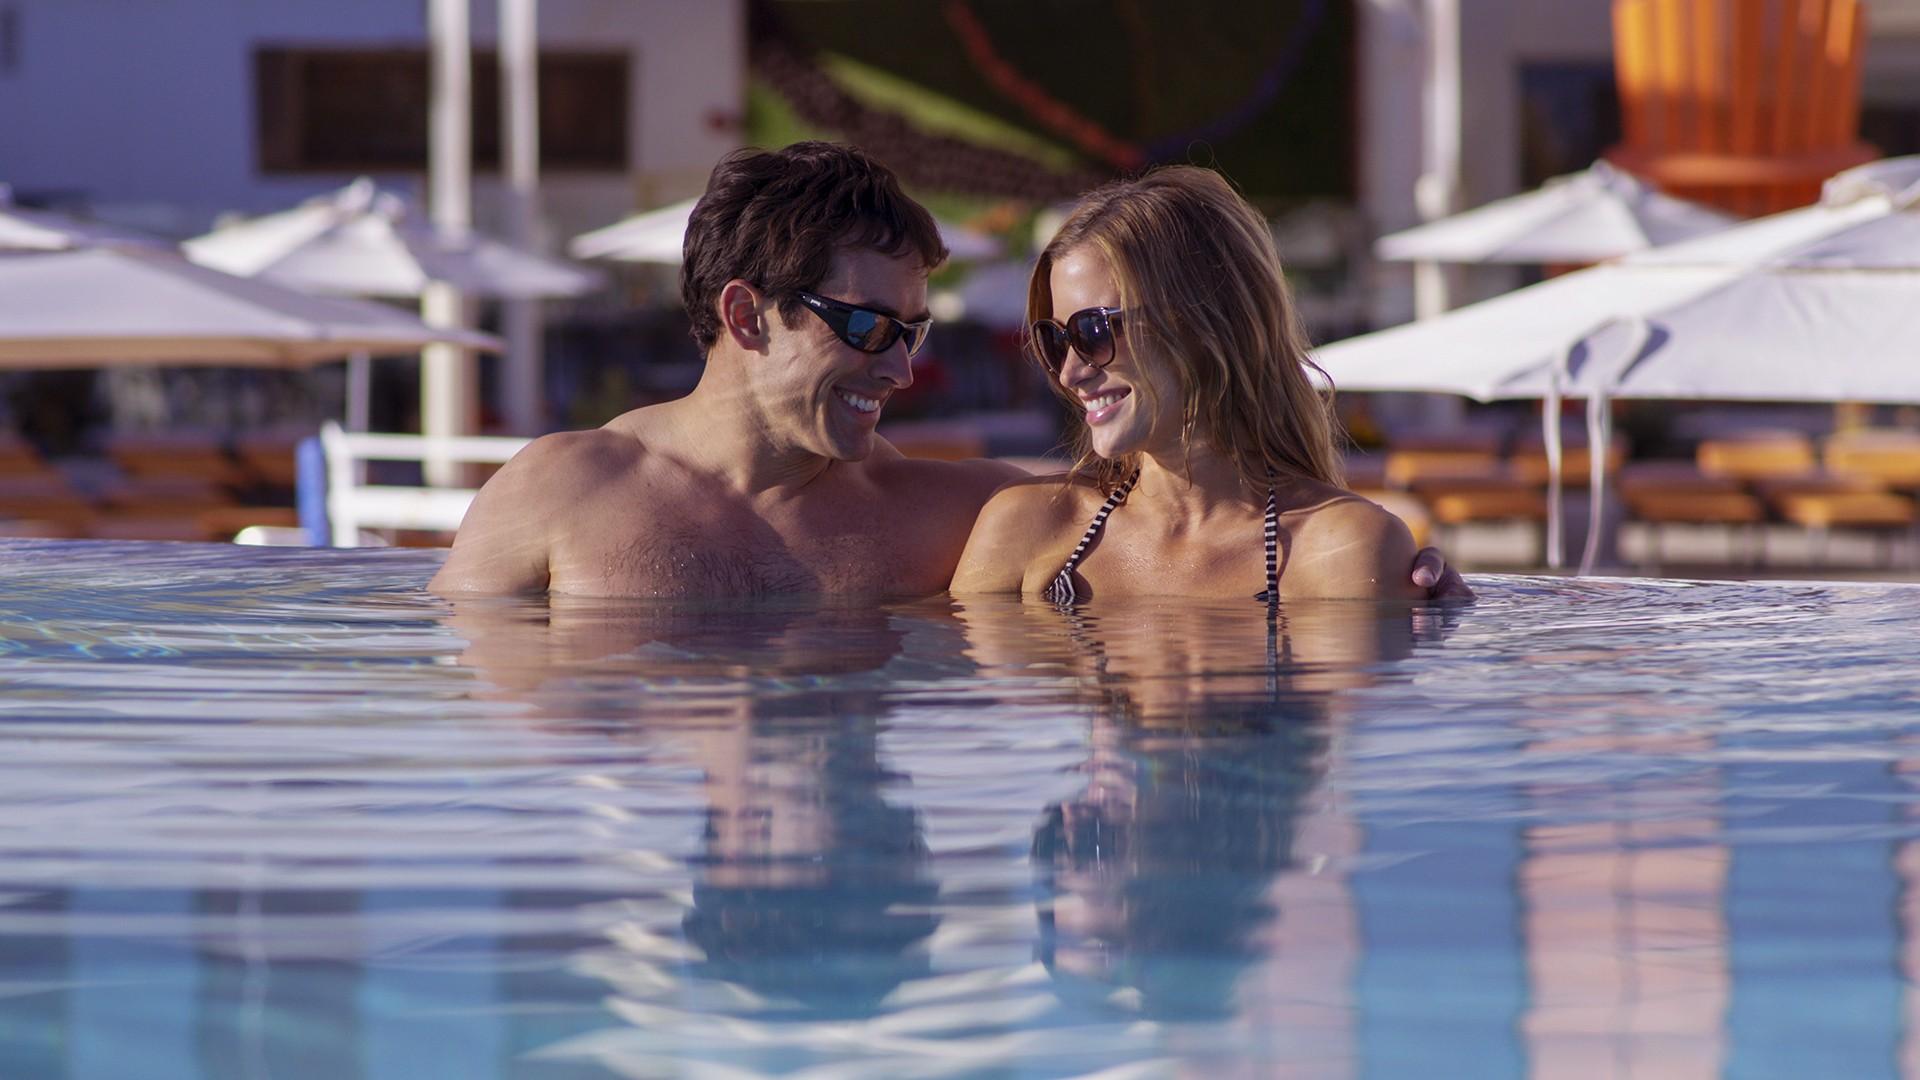 Ζευγάρι σε πισίνα